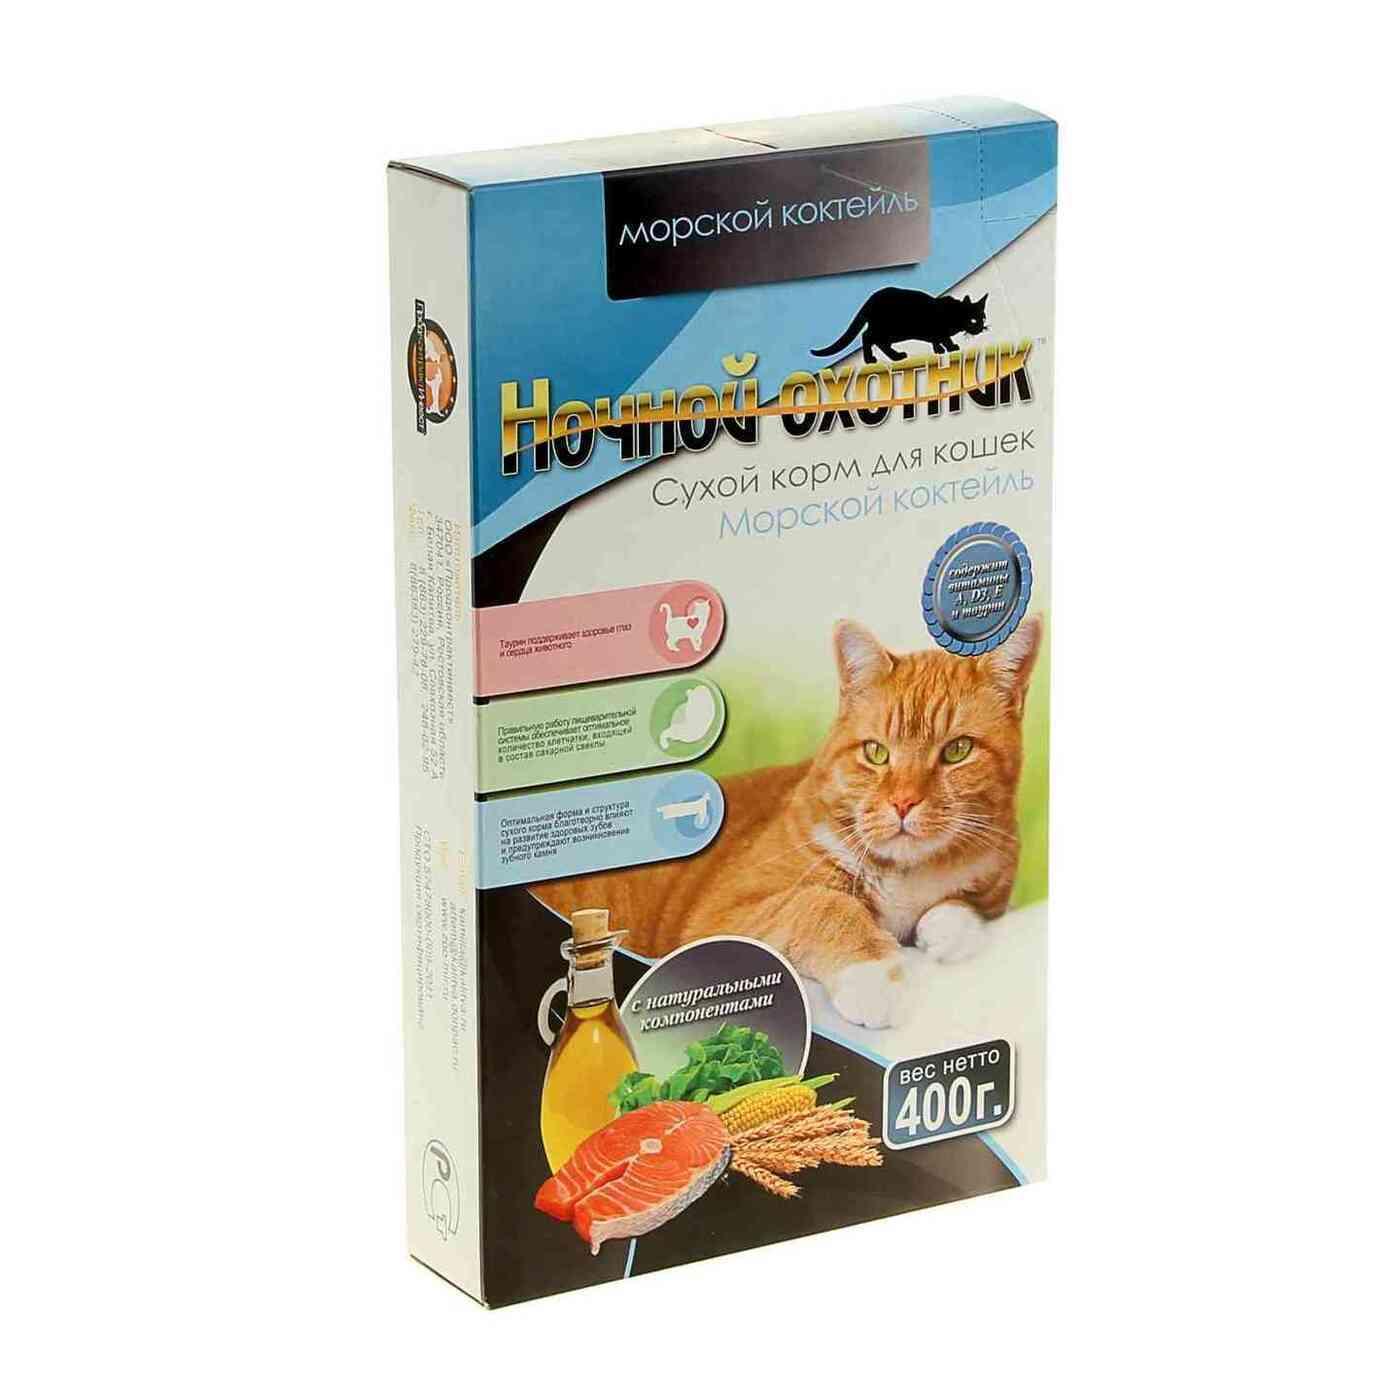 Ночной охотник сухой дкошек МОРСКОЙ КОКТЕЙЛЬ   400г  120 карт.коробка